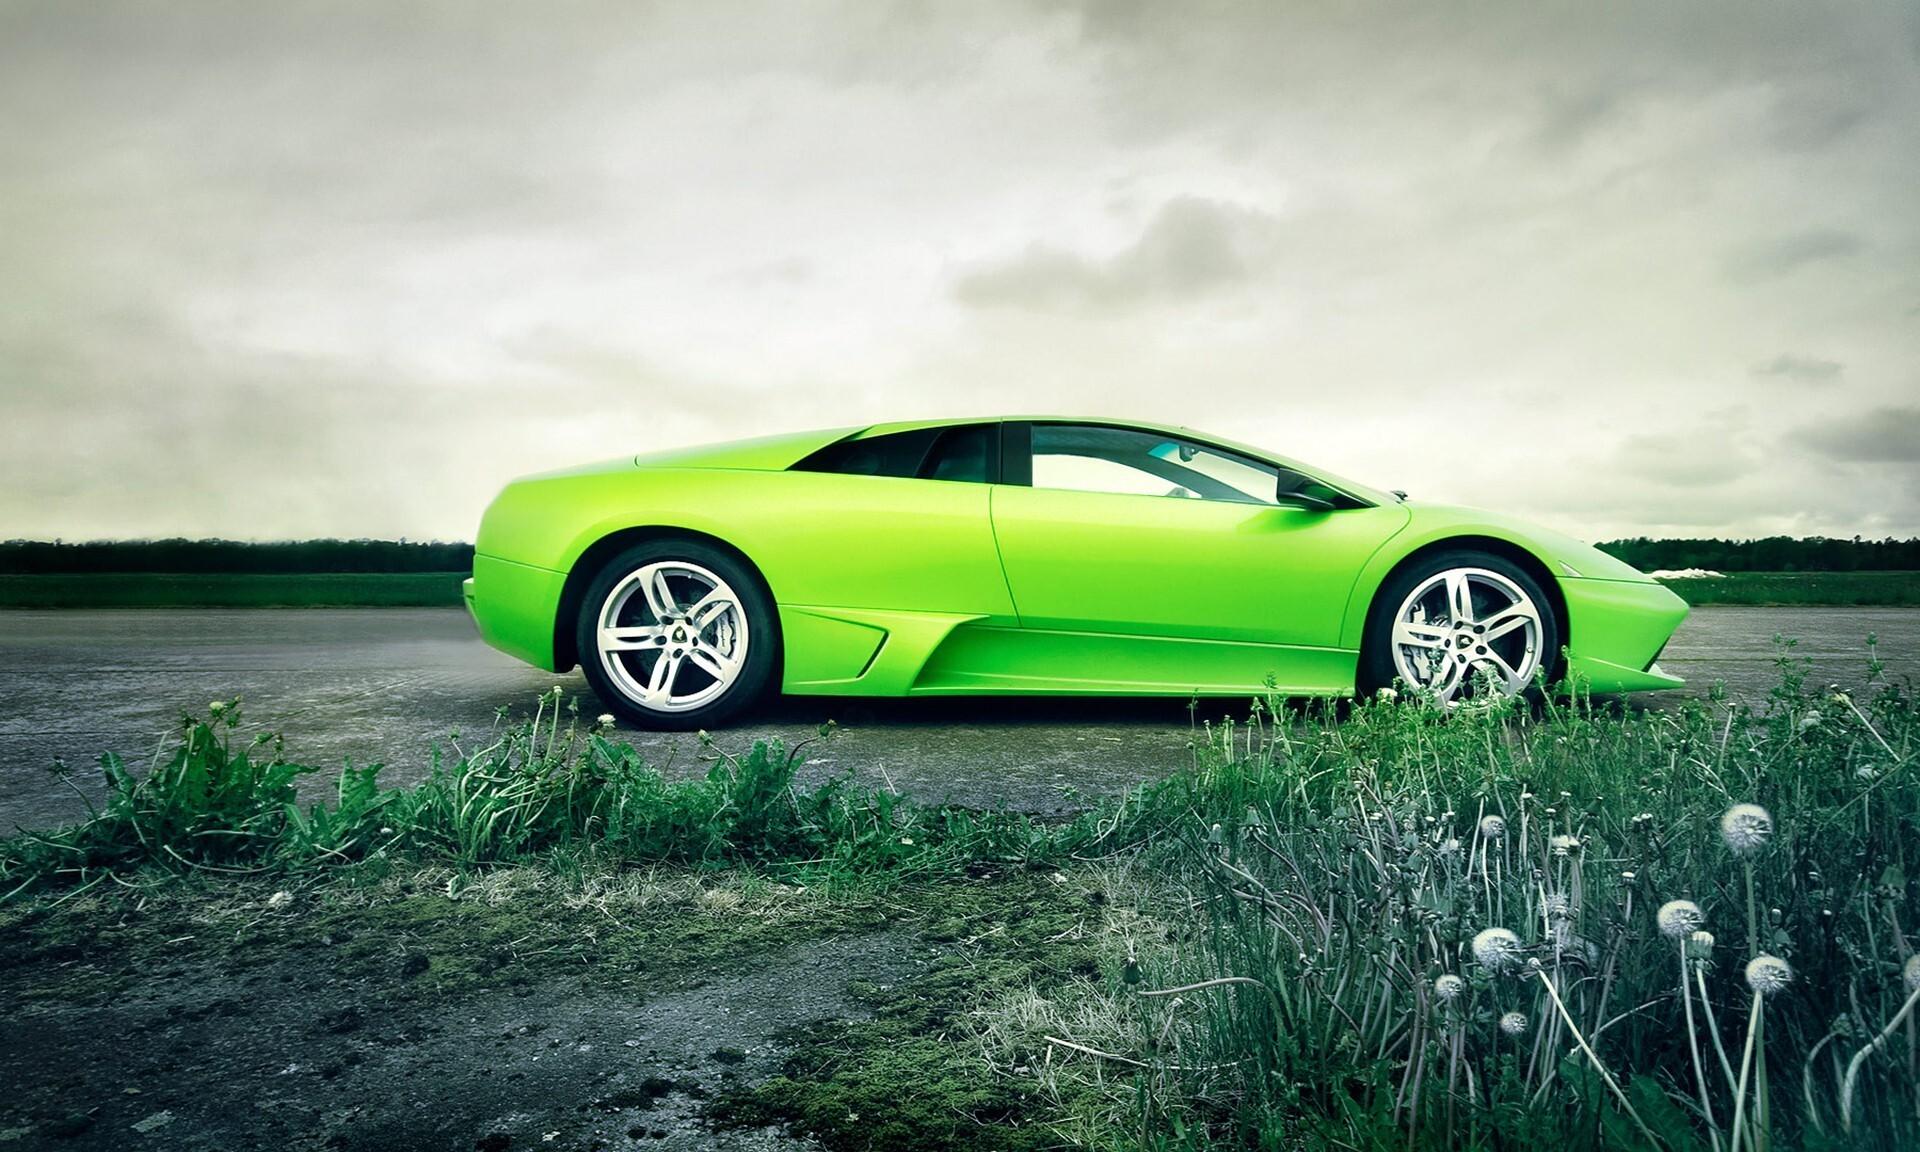 Lamborghini All Cars Wallpapers Interesting Lamborghini All Cars 1920×1152